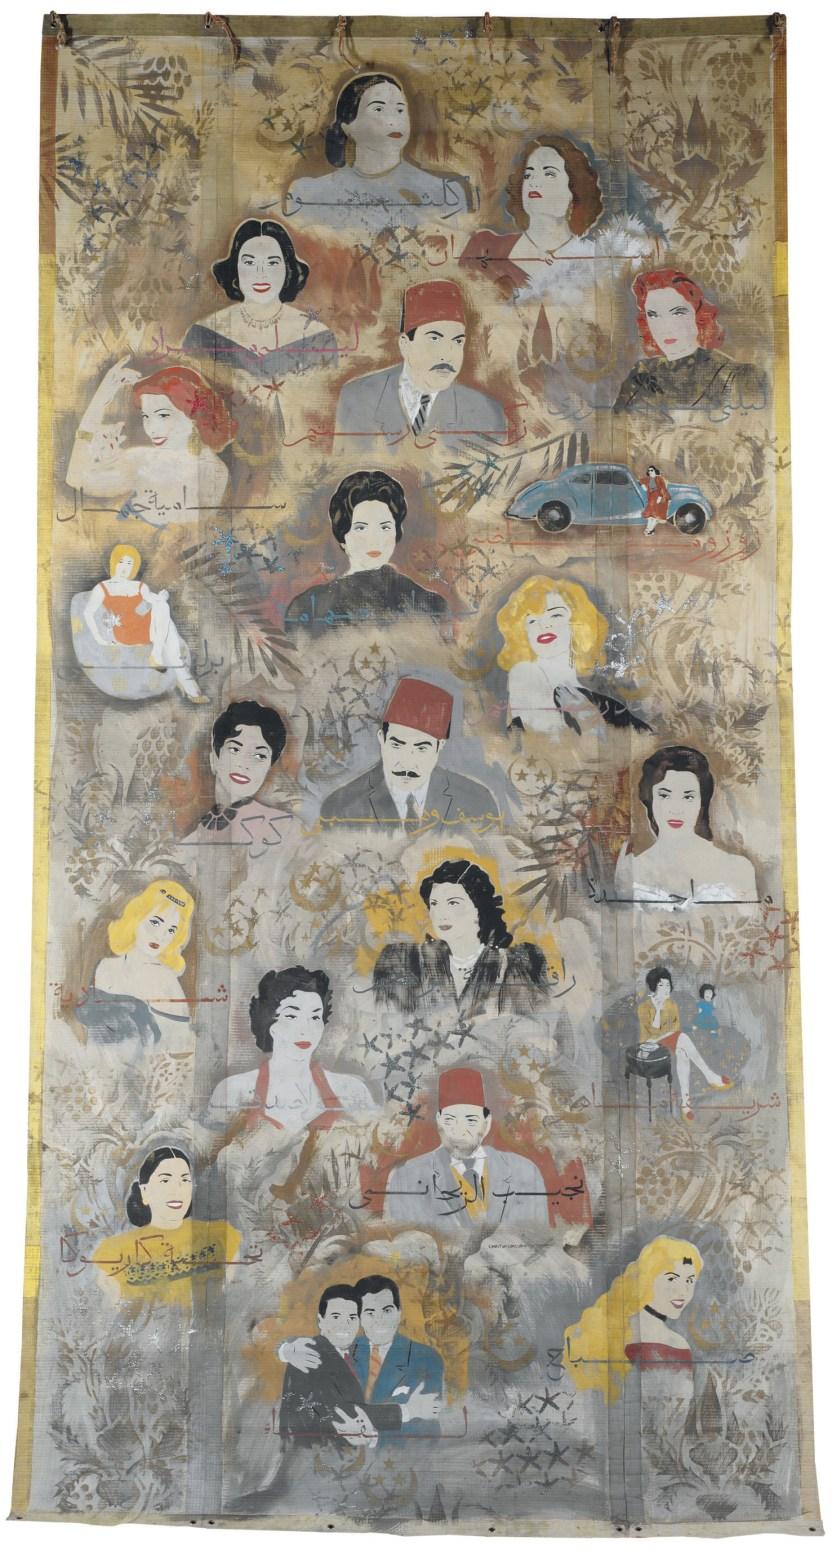 The Unique Magic of Arab Paintings